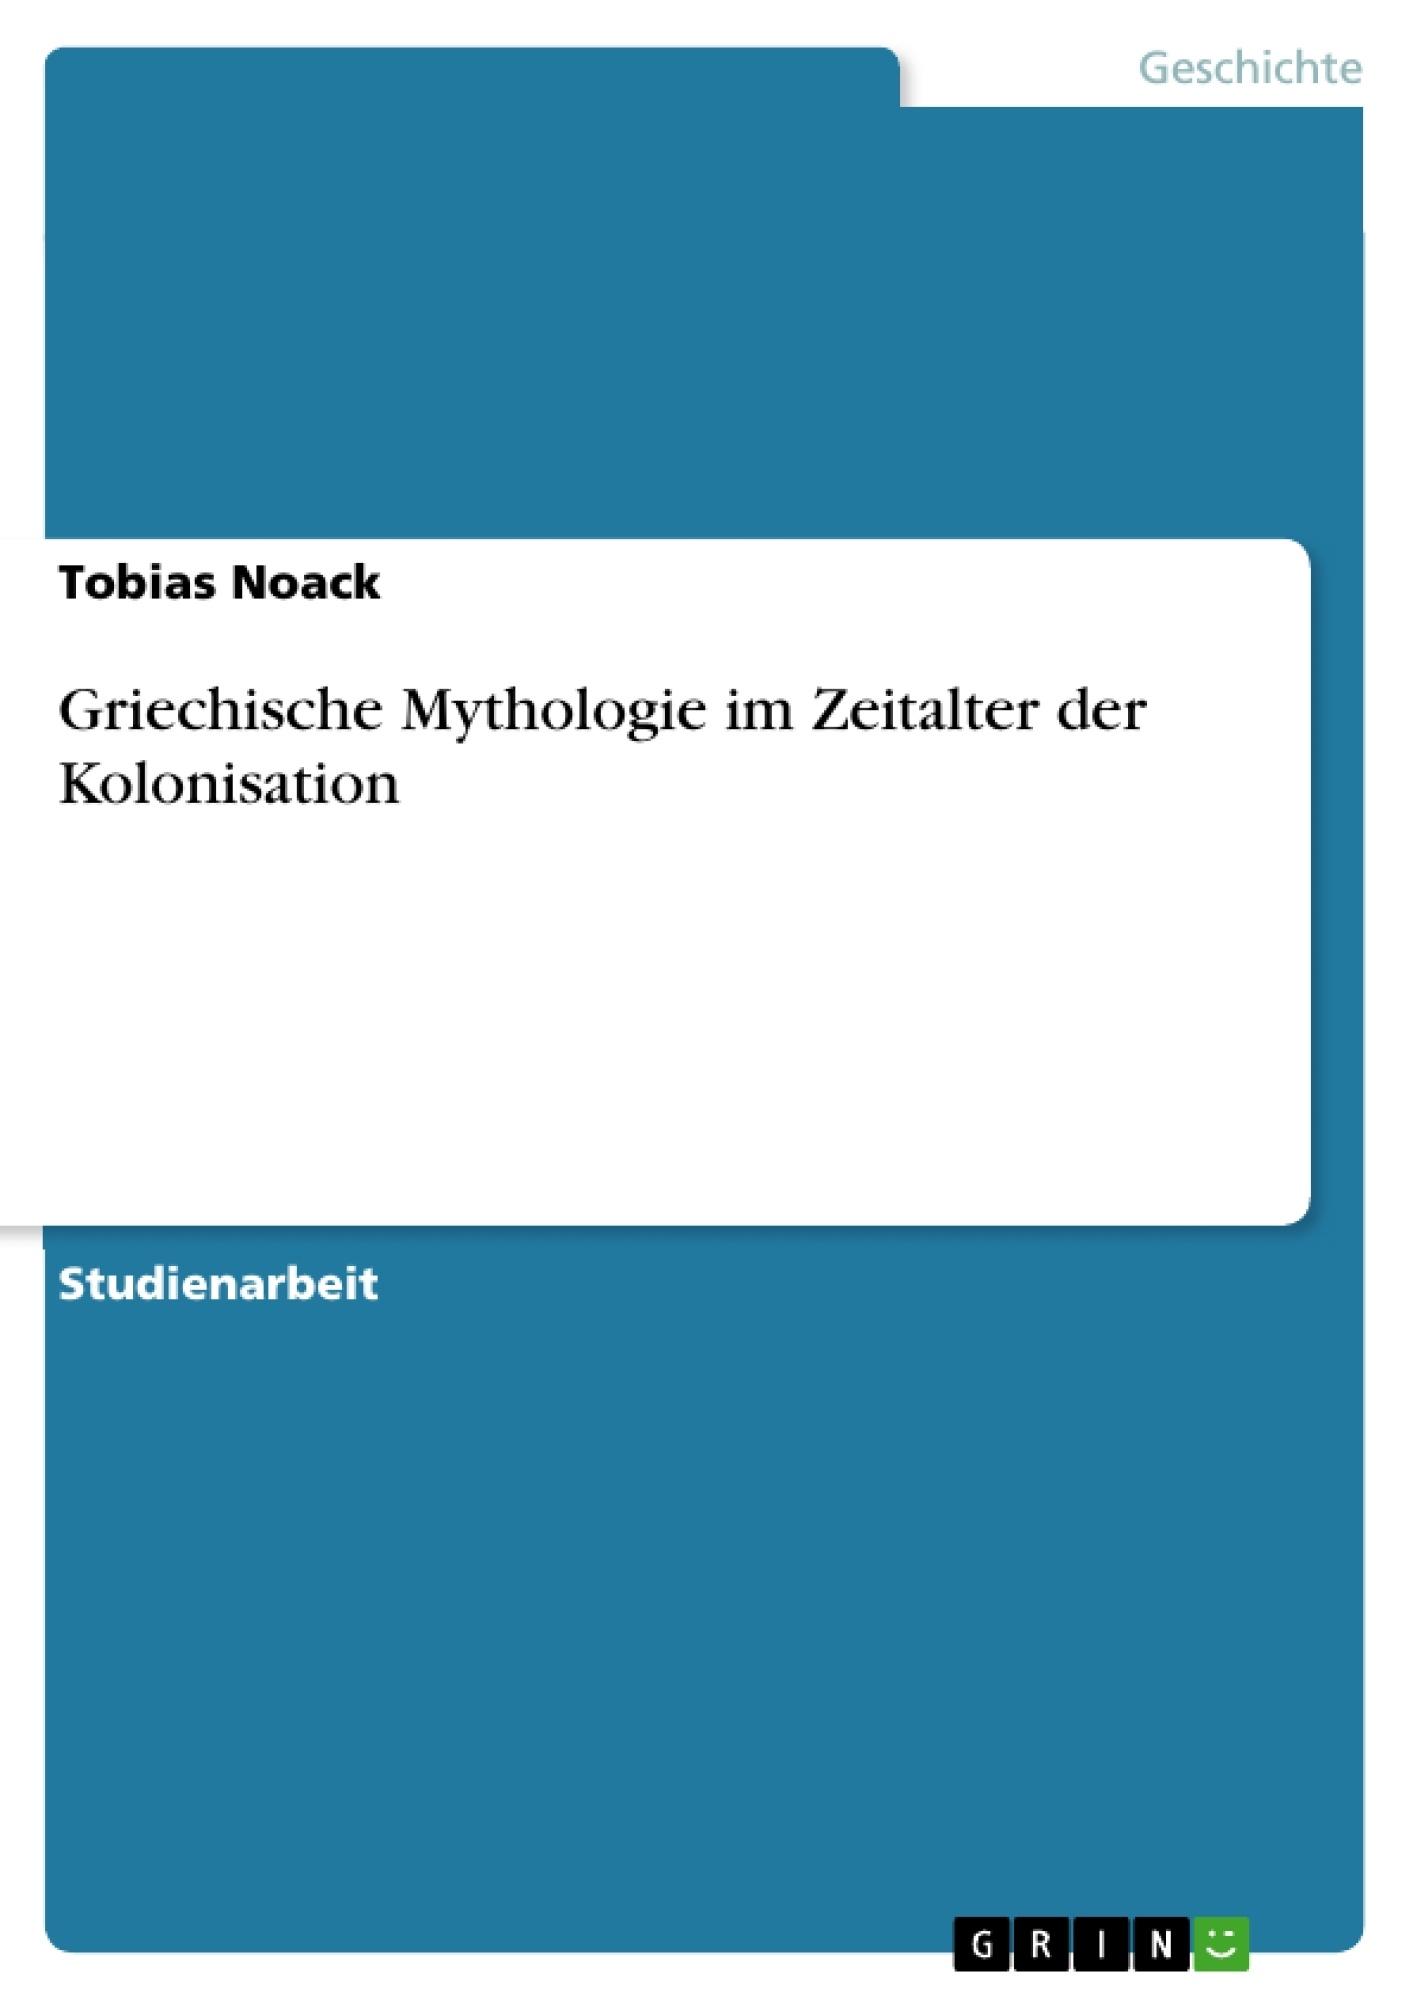 Titel: Griechische Mythologie im Zeitalter der Kolonisation